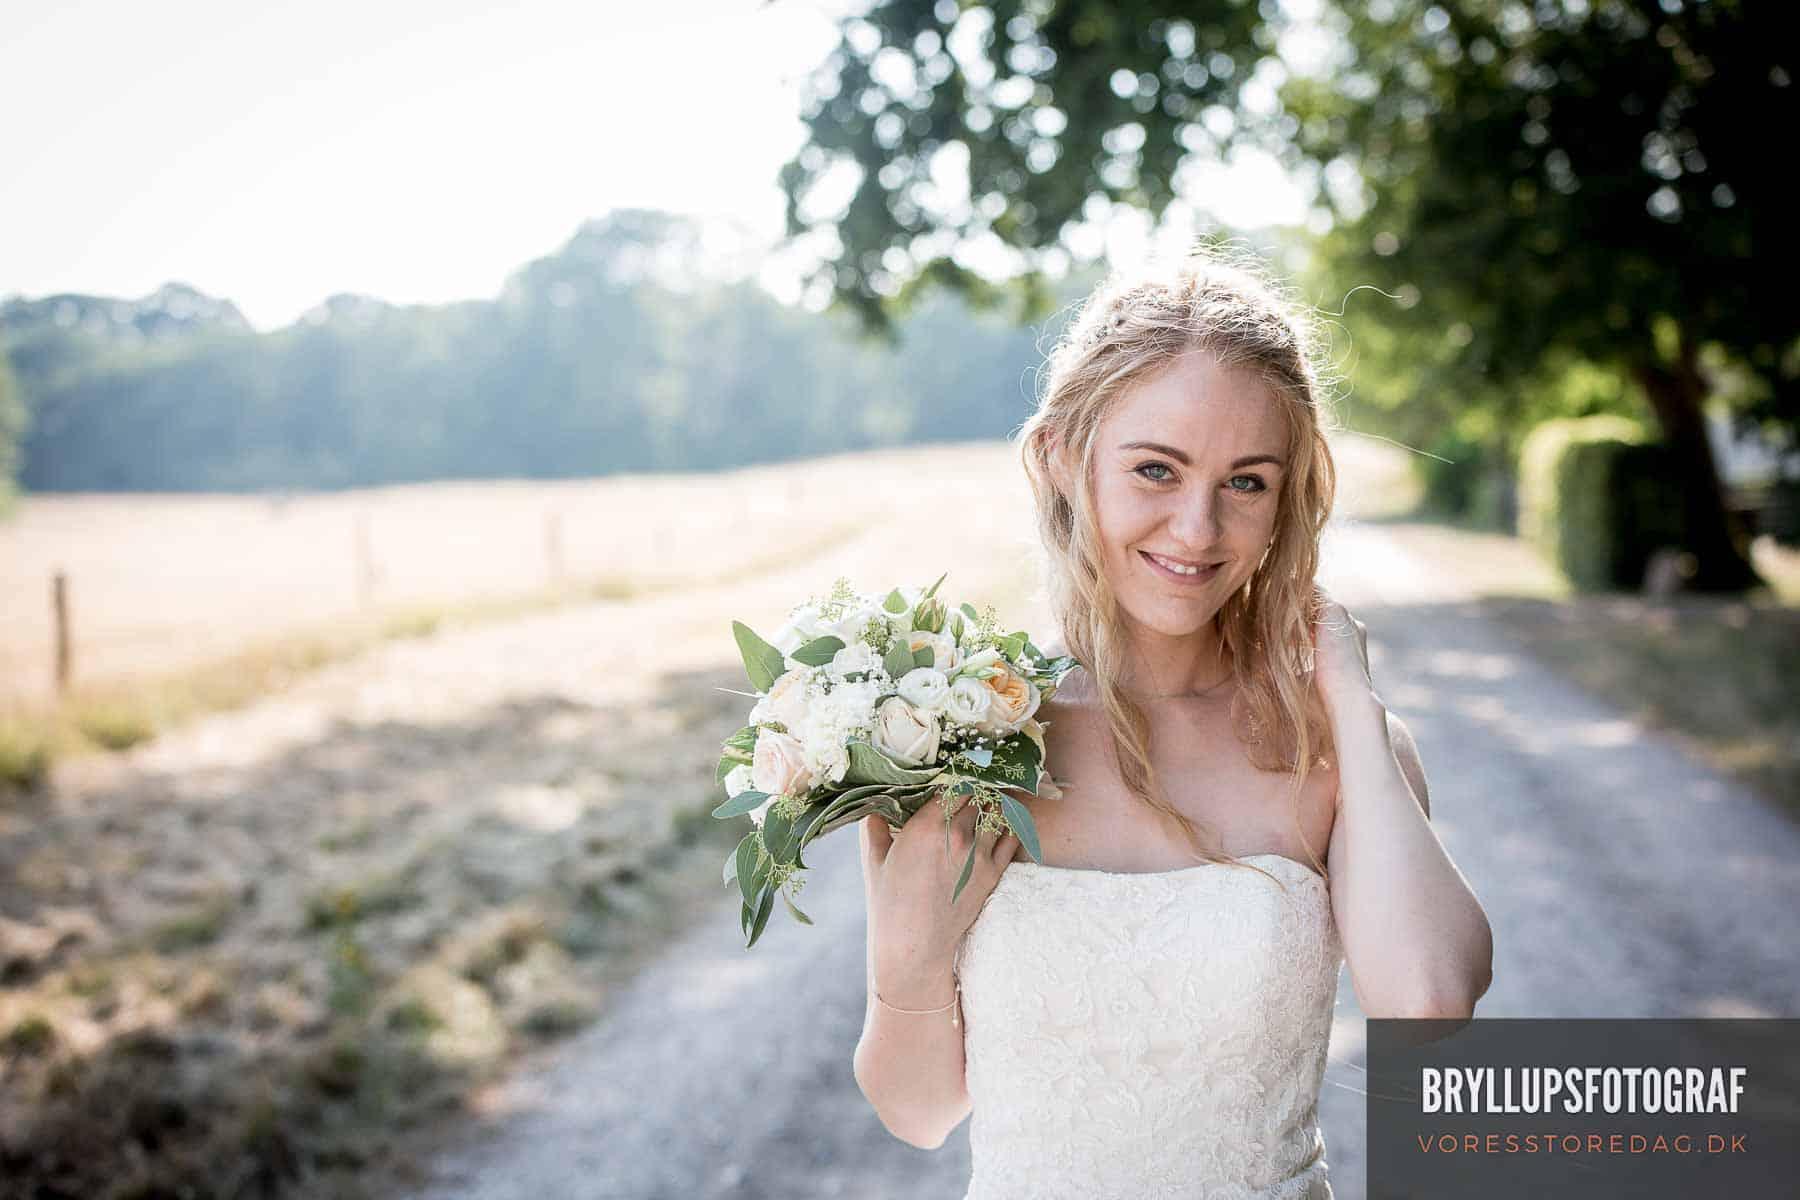 Bryllup Fyn